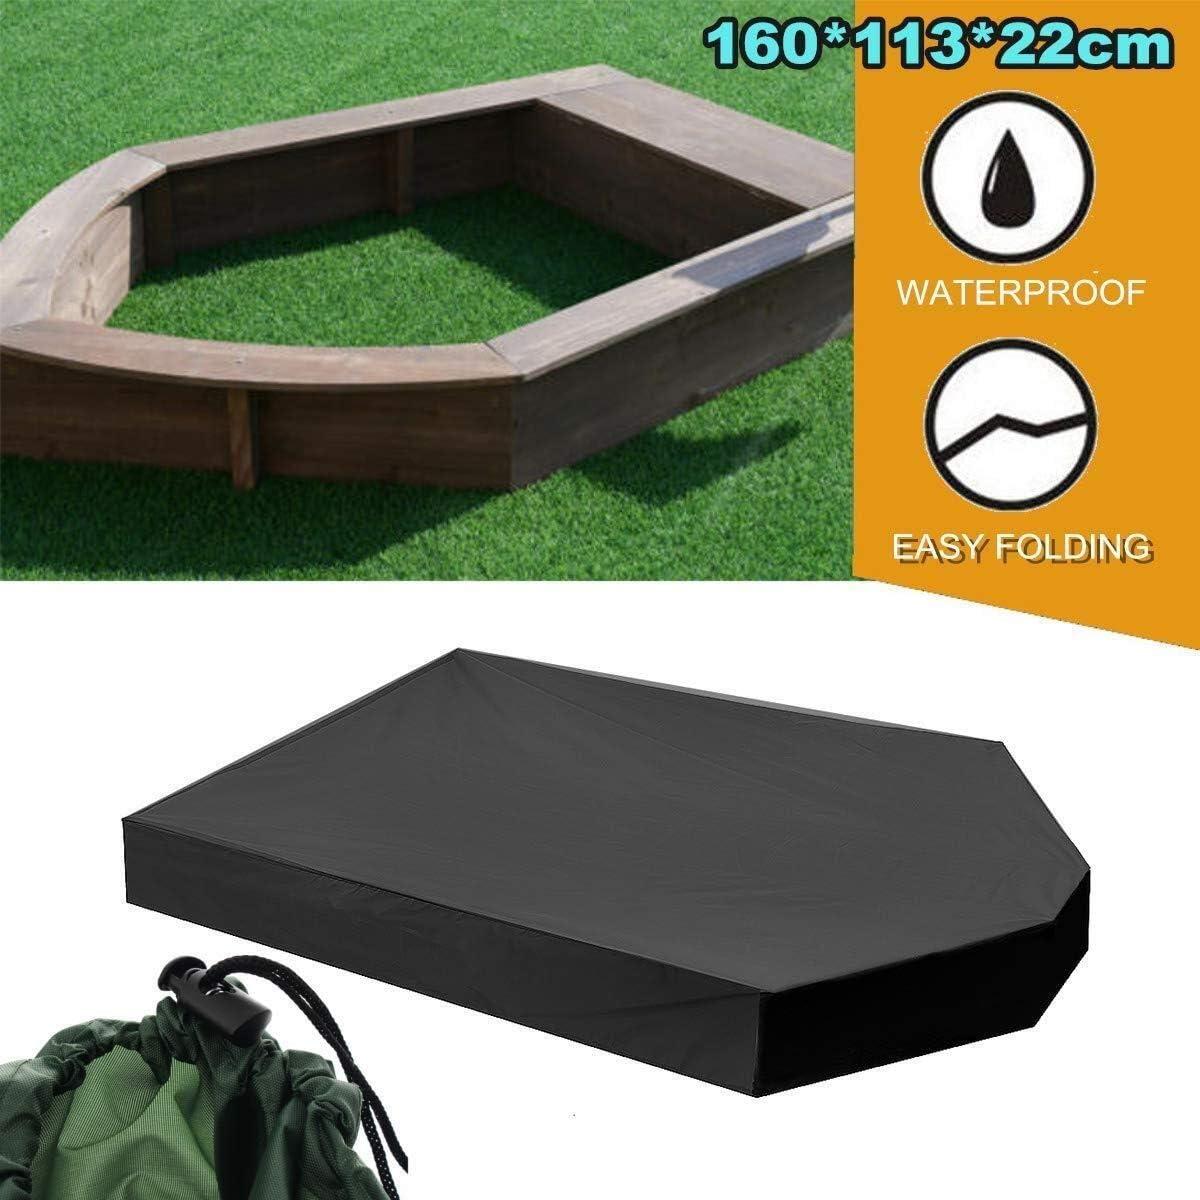 Unbekannt Liyue-Abdeckung UV-Anti Außenpatio Garten Abdeckung Staubdichtes Sandbox Persenning mit Kordelzug Wasserdicht Sandpit Pool Schutzabdeckung 160x113x22cm (Color : Black)